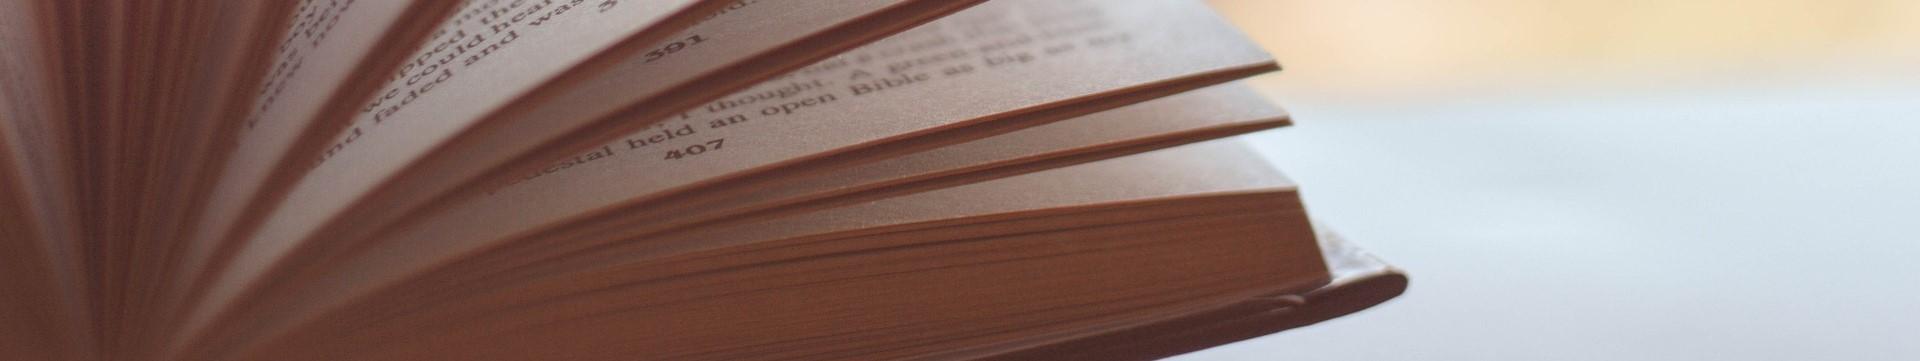 blur-1283865_1920BANNER